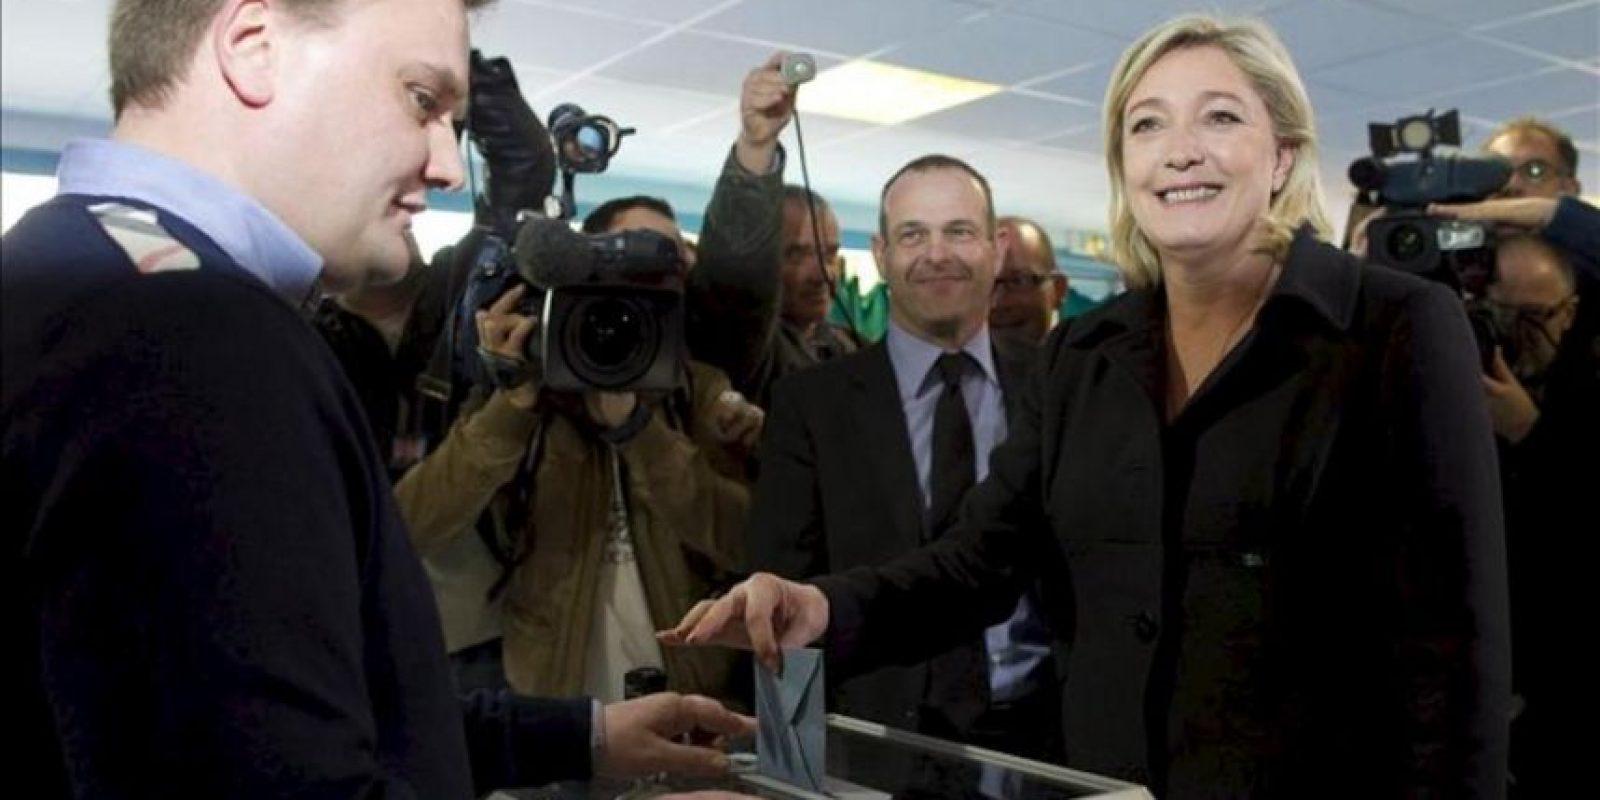 La candidata ultraderechista a la presidencia gala, Marine Le Pen, del Frente Nacional, vota hoy en un colegio electoral de Henin-Beaumont. EFE